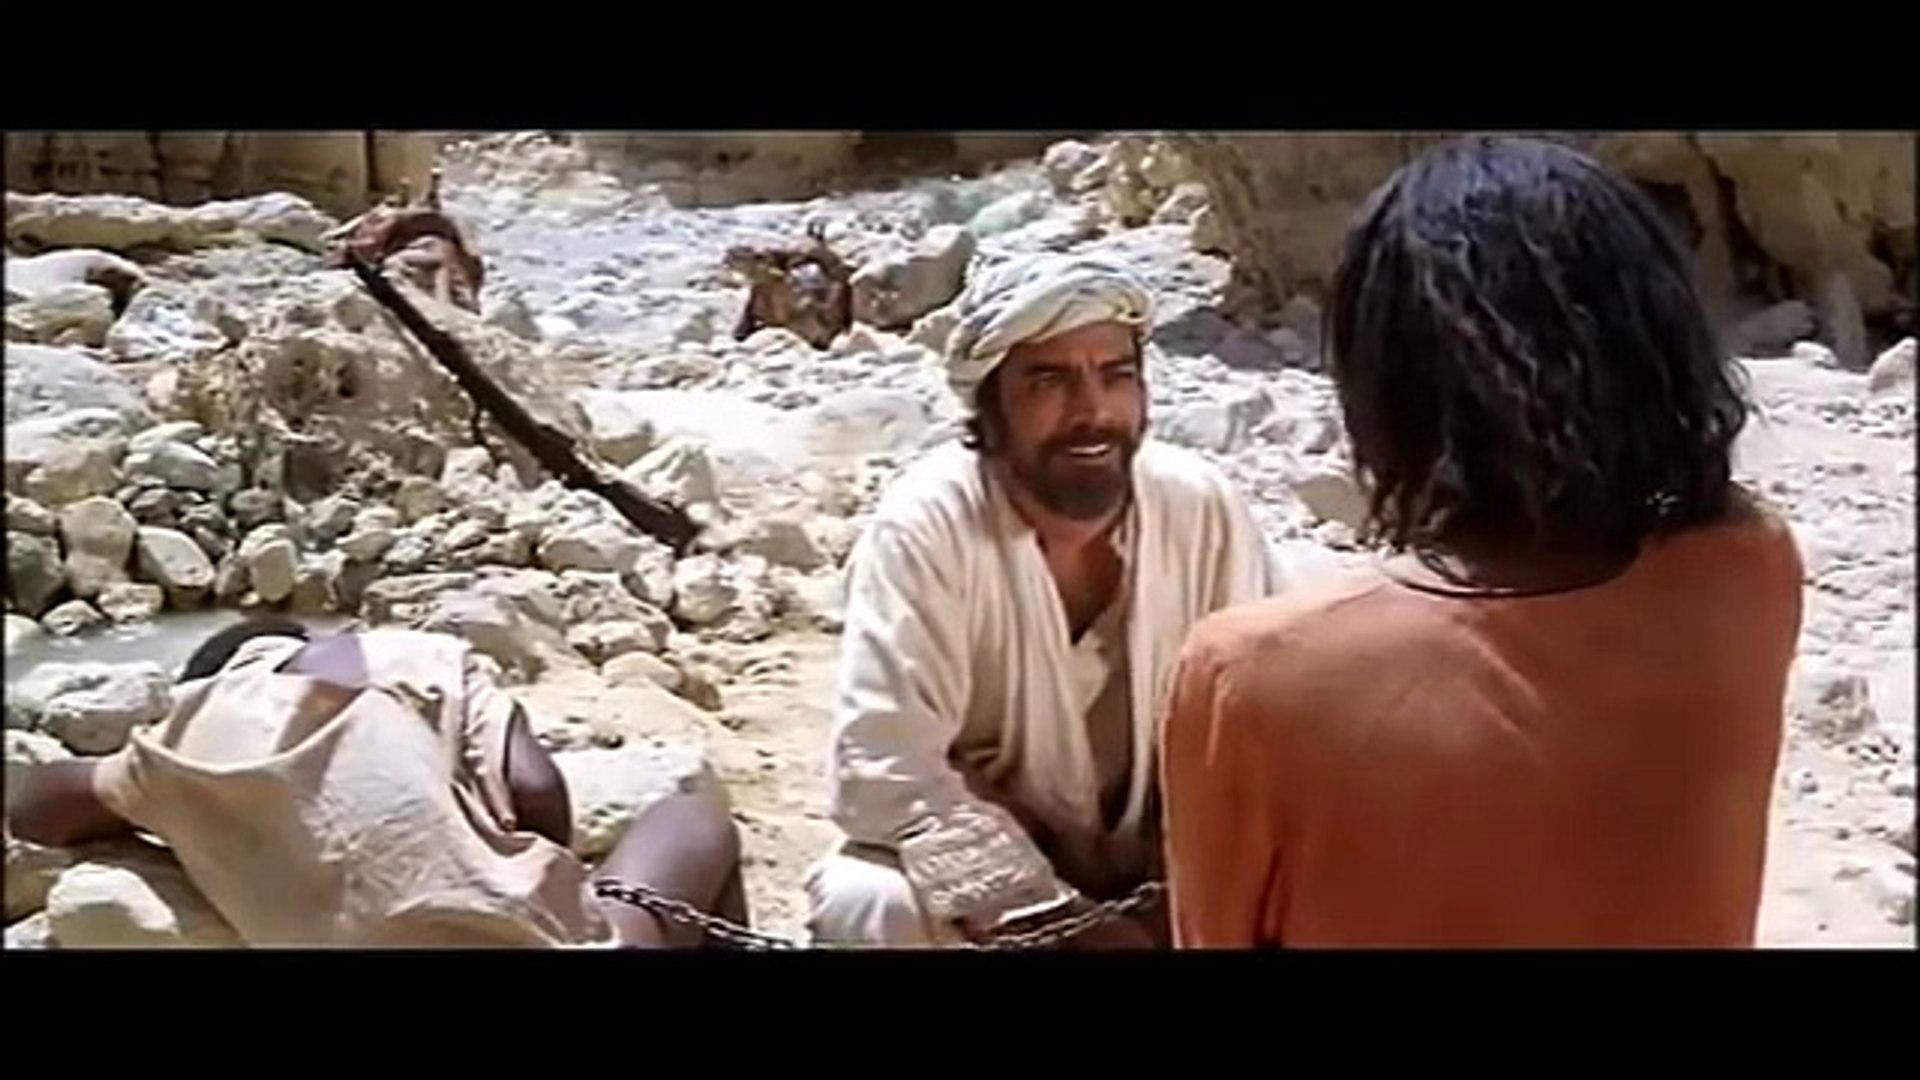 EBANO michael caine kabir bedi omar sharif part 2/4